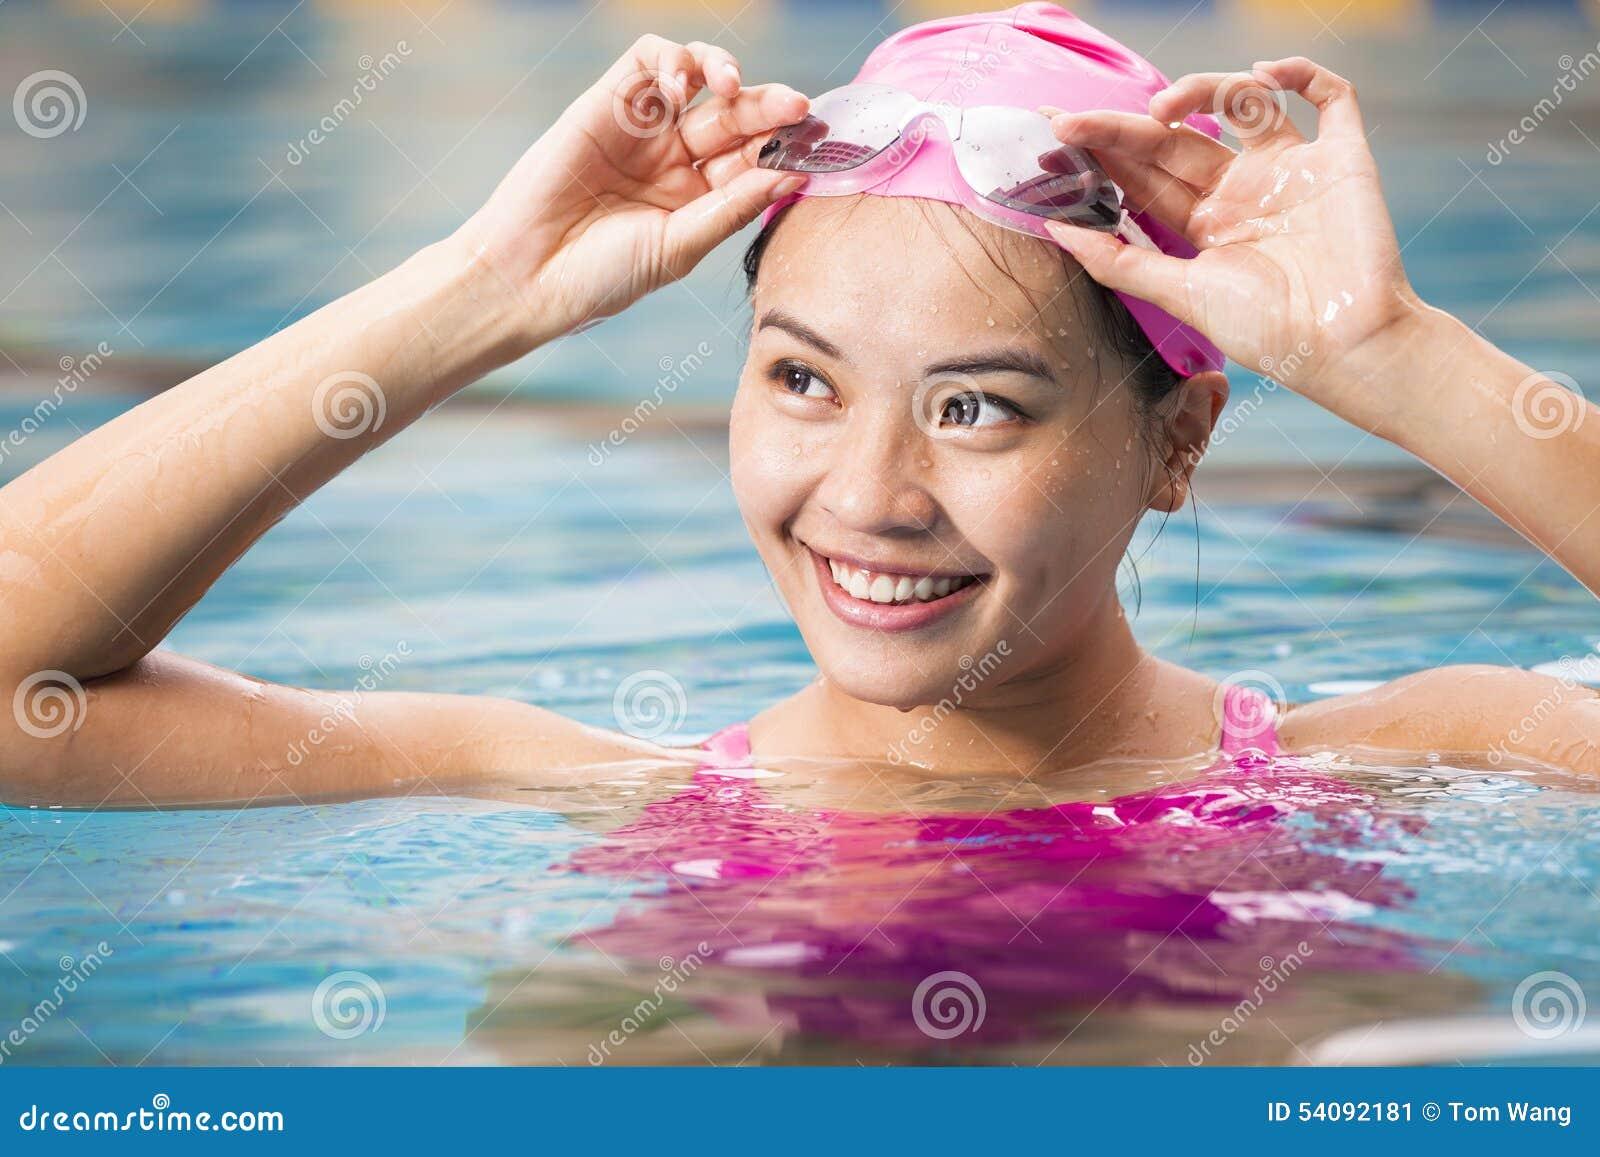 Vrouwen dicht omhooggaand portret in zwembad